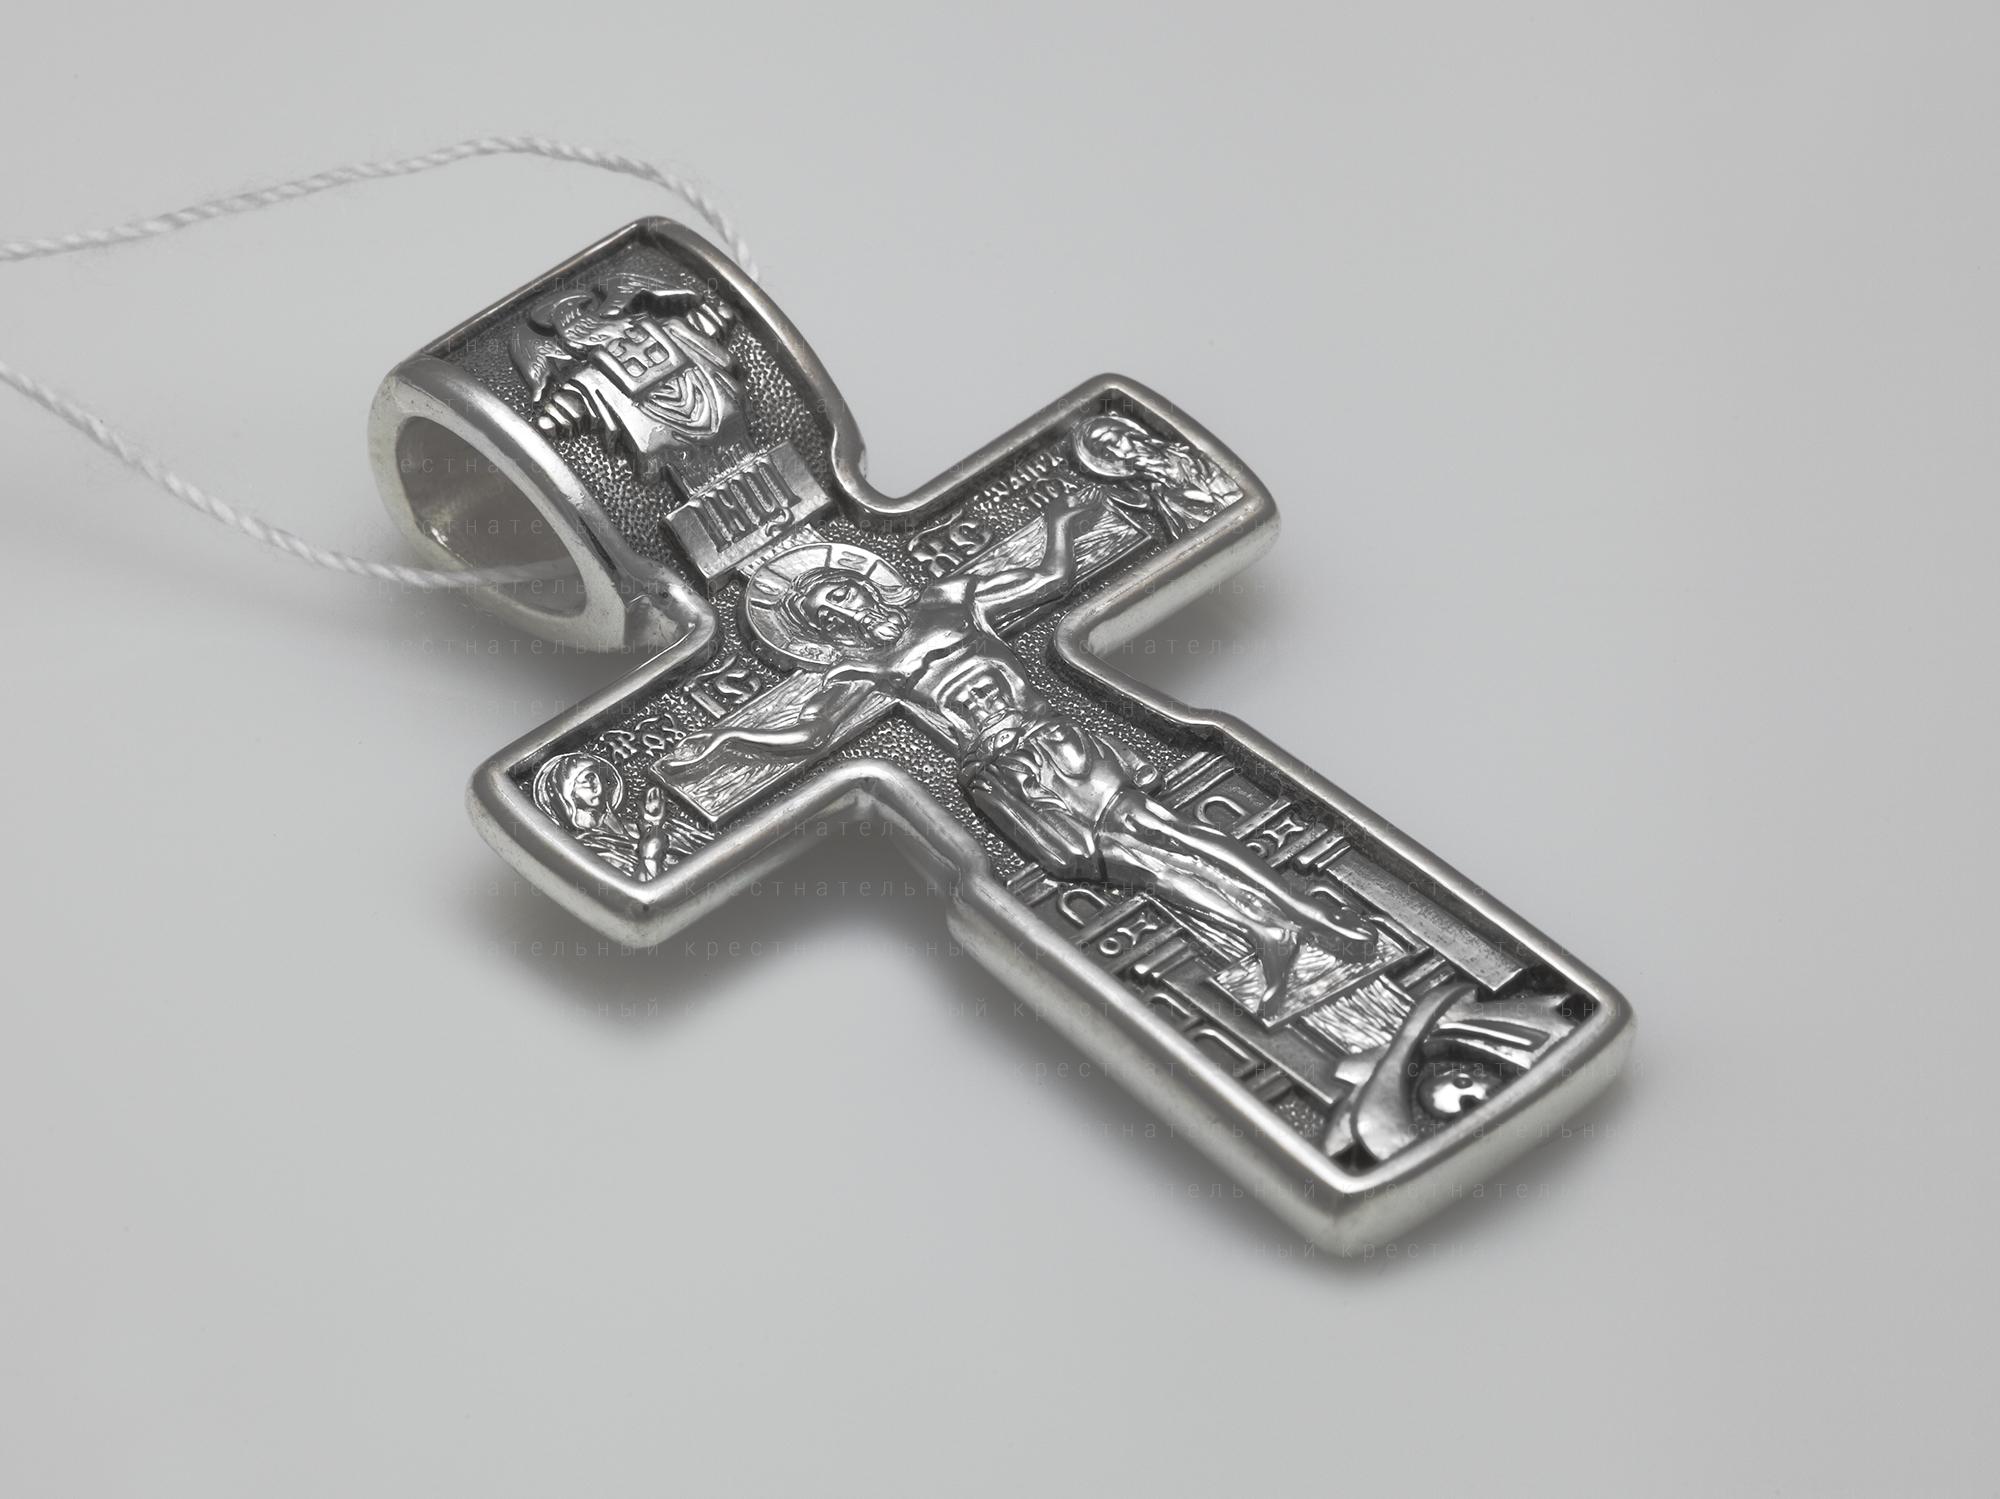 18222. Распятие Христово. Николай Чудотворец. Три Святителя. Православный крест.